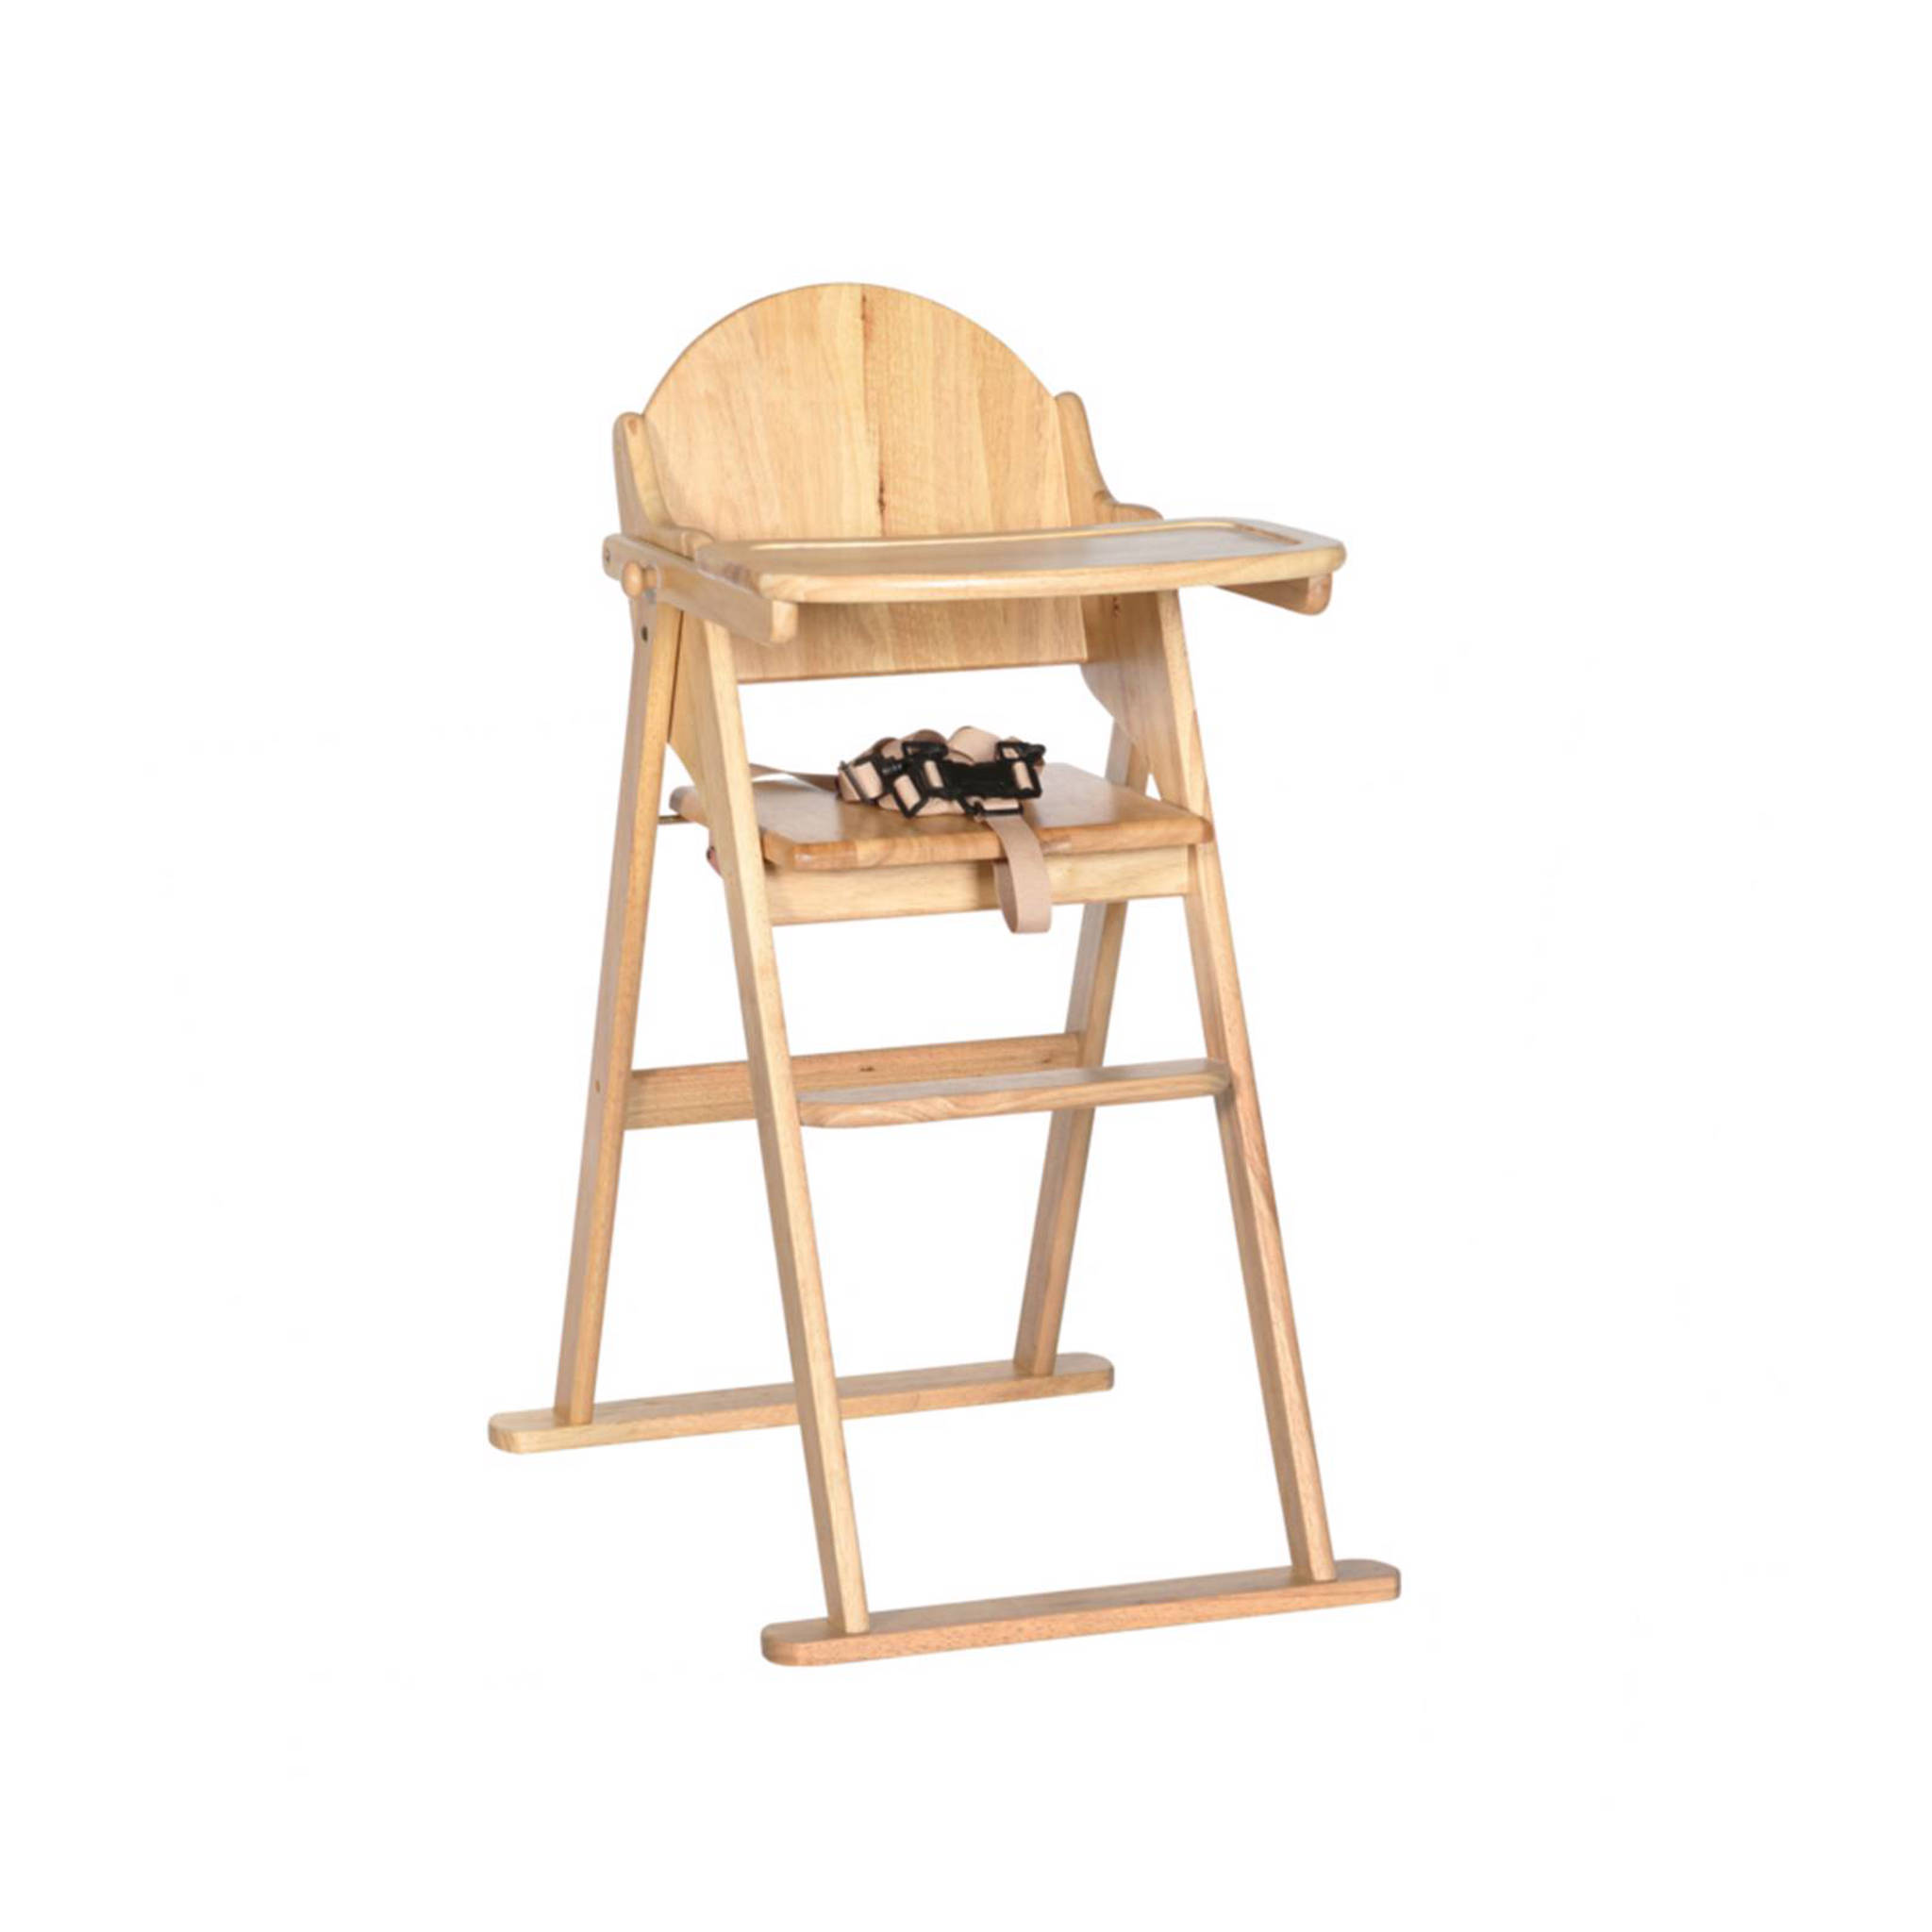 Houten Inklapbare Kinderstoel.Basicline London Kinderstoel Inklapbaar Blank Wehkamp